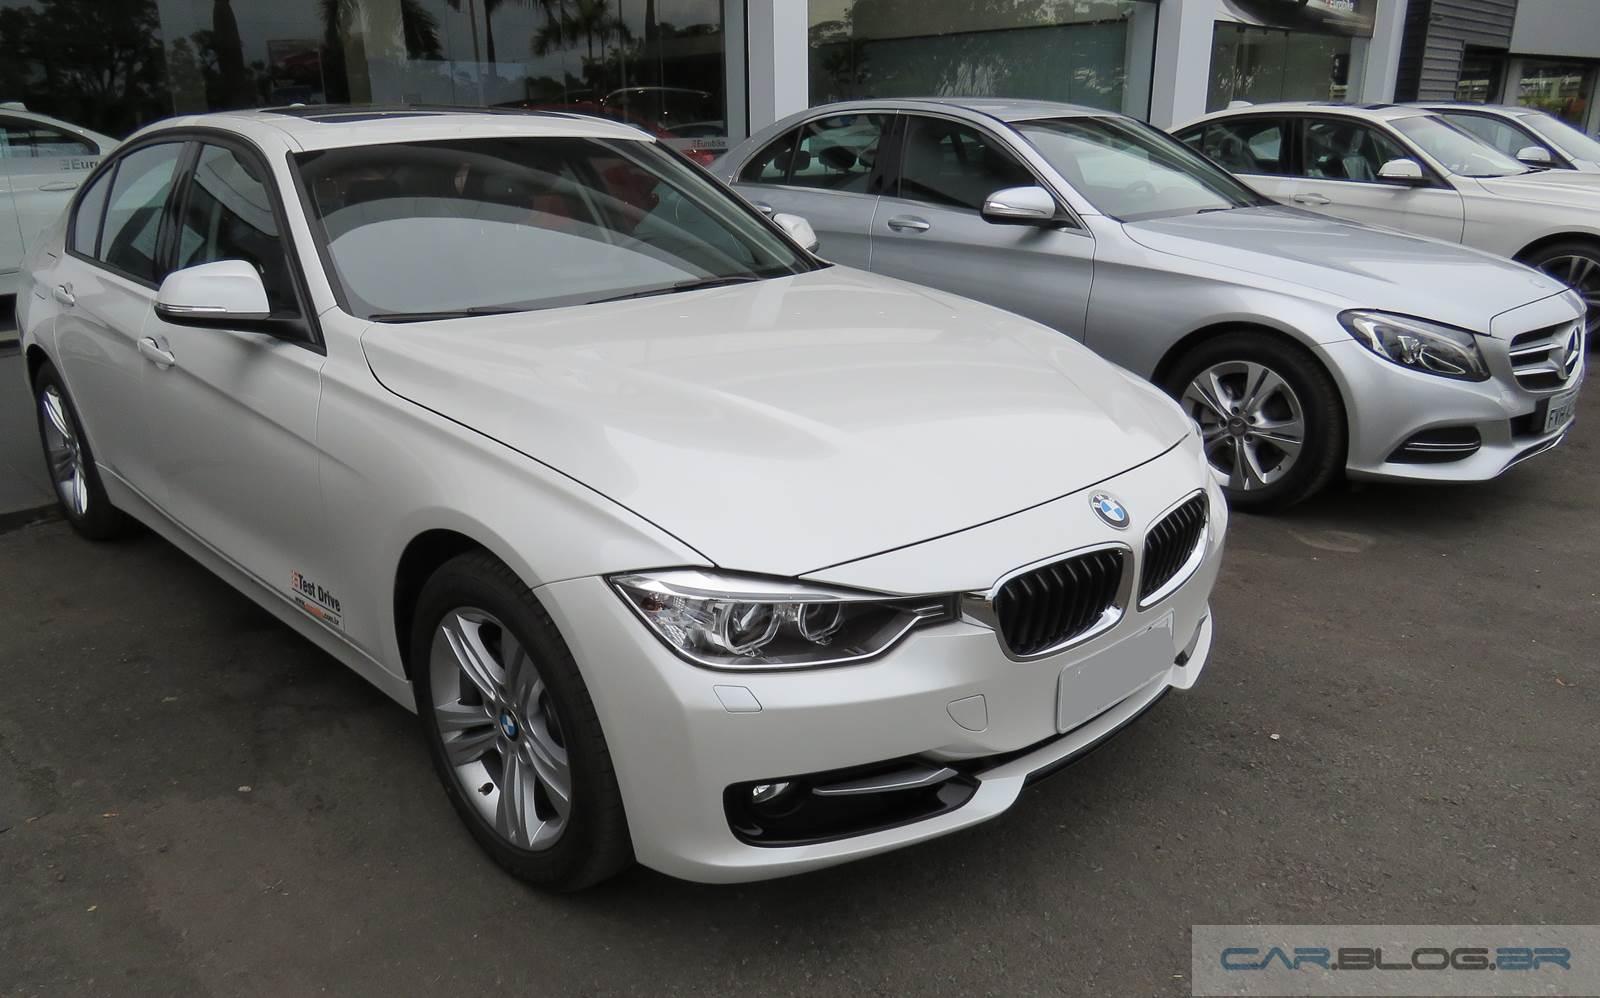 BMW 320i 2016 - aumento de preço